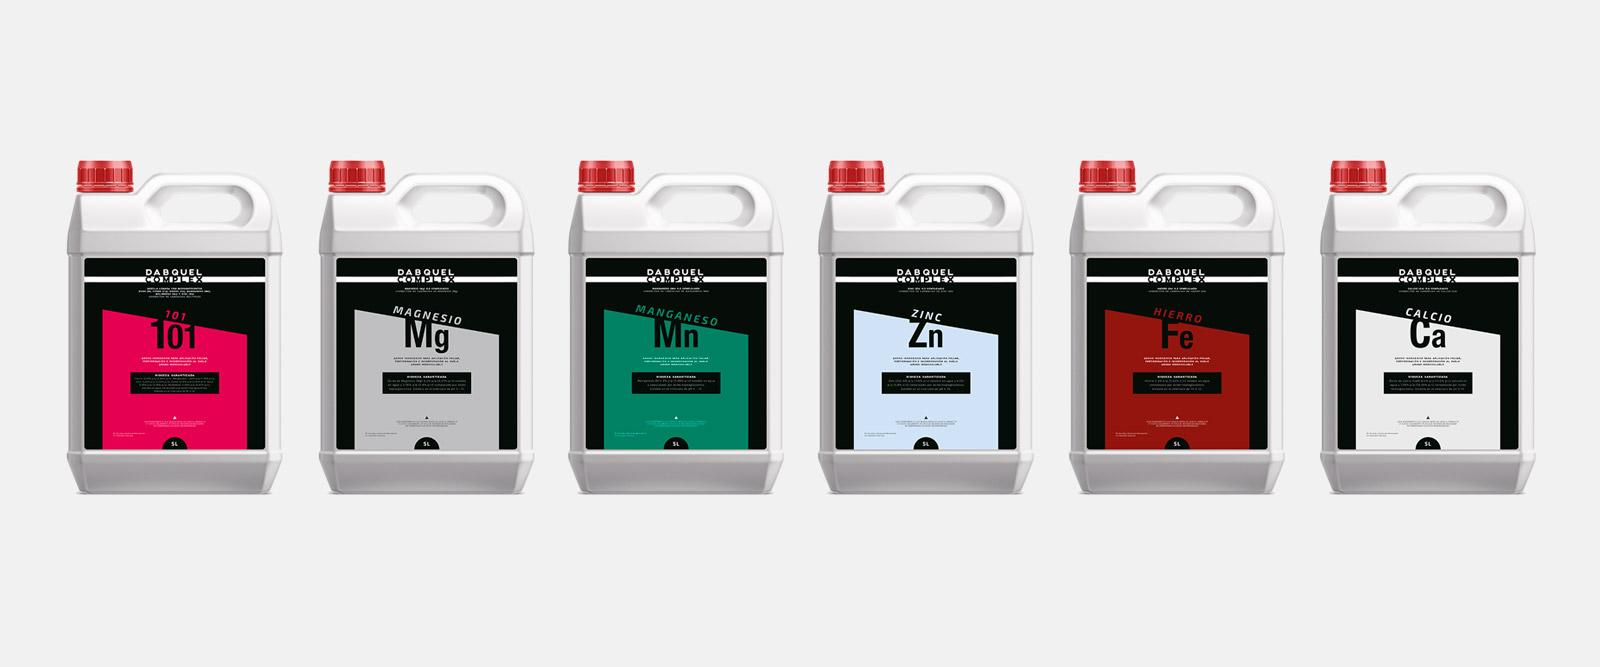 diseño grafico  diseño de etiquetas     3